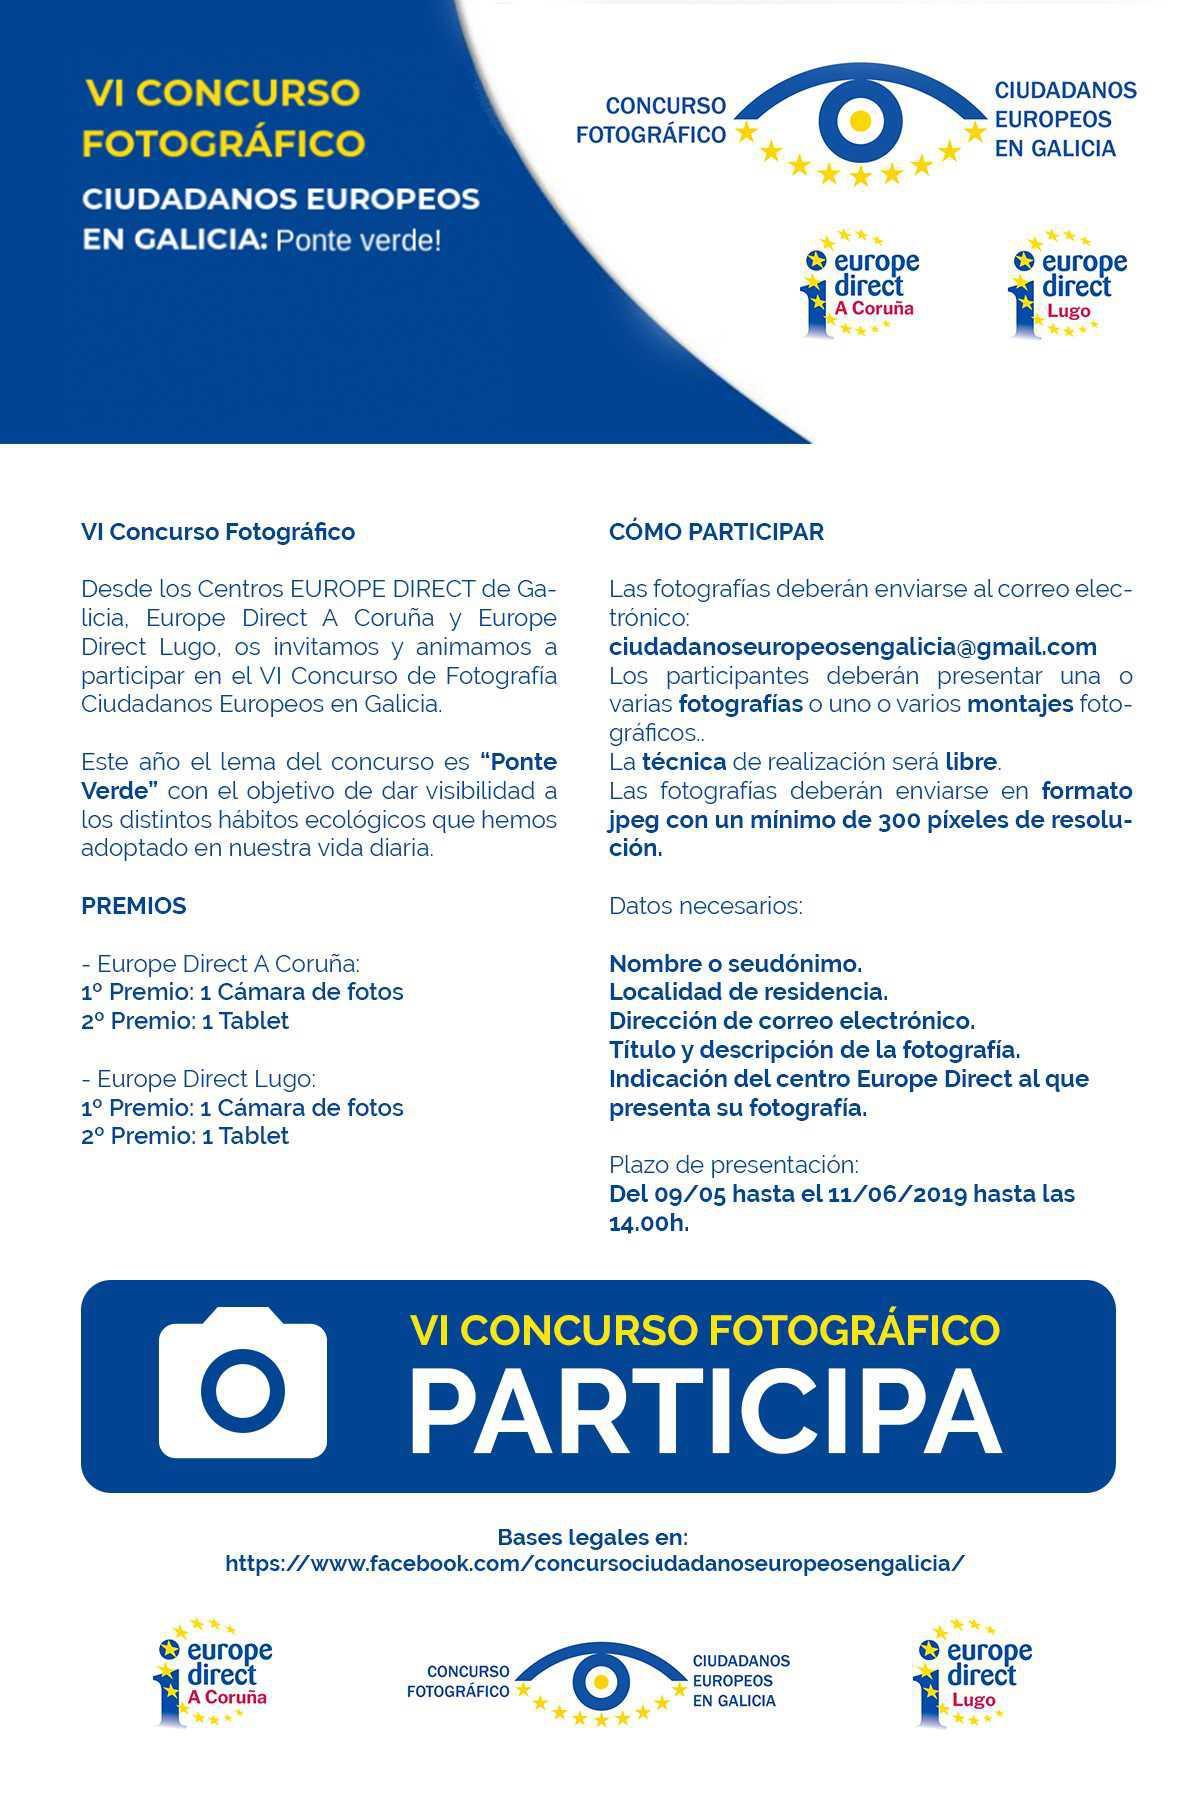 O centro Europe Direct da Deputación da Coruña convoca un concurso de fotografía para dar visibilidade aos hábitos ecolóxicos da vida cotiá